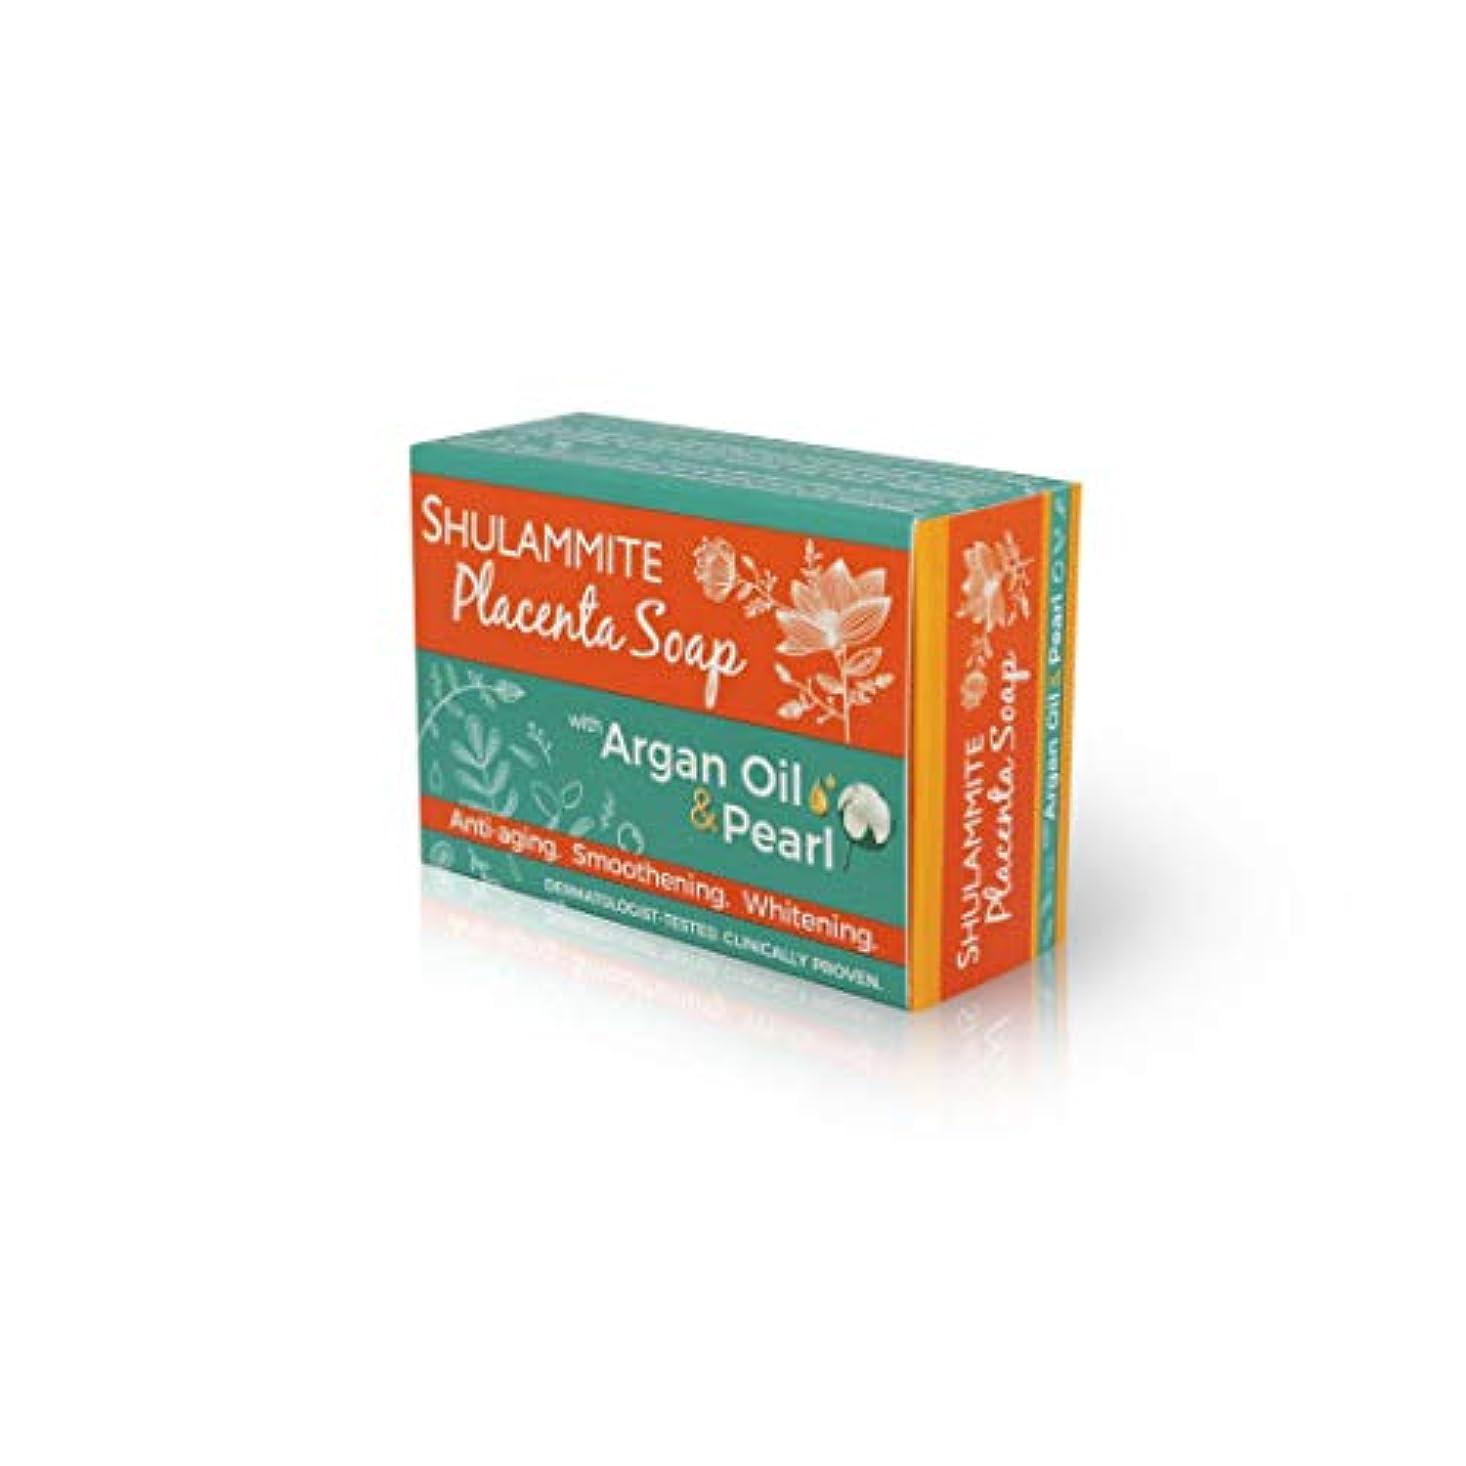 枝かろうじてリマSHULAMMITE Placenta Soap with Argan Oil & Pearl/アルガンオイル&パール配合ソープ150g